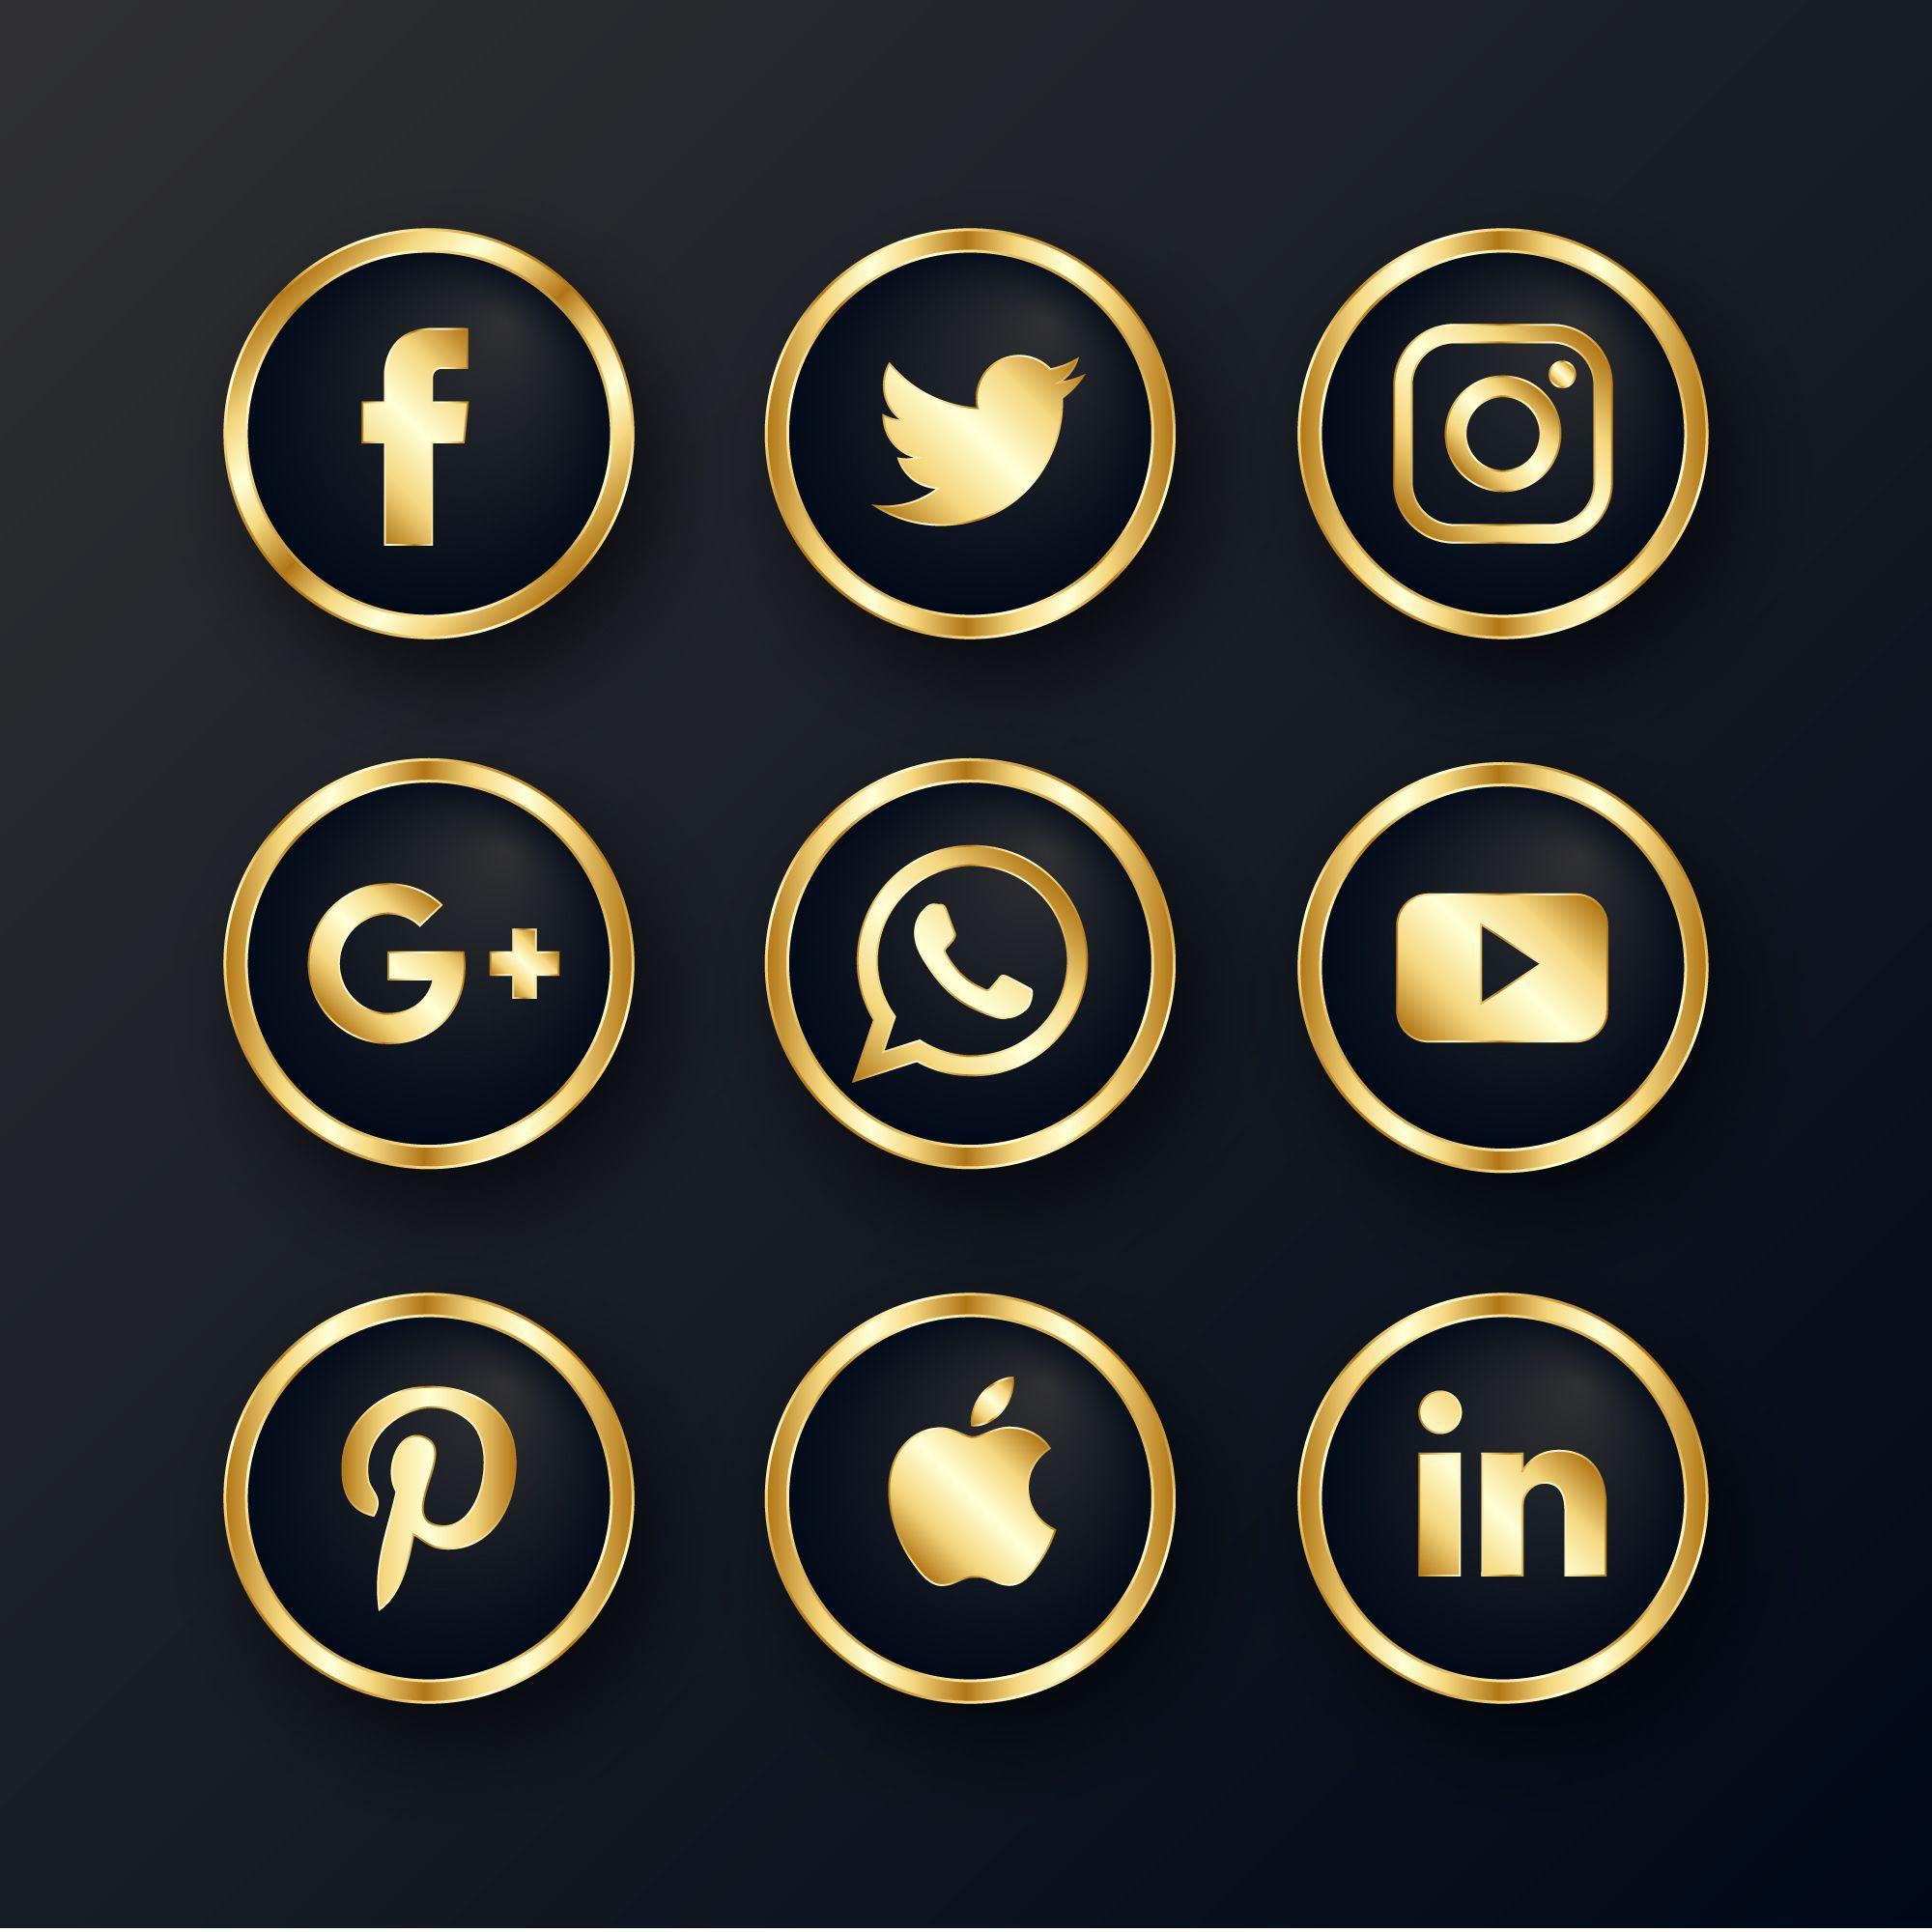 دانلود رایگان آیکن طلایی و لوکس شبکه های اجتماعی اطلاعات